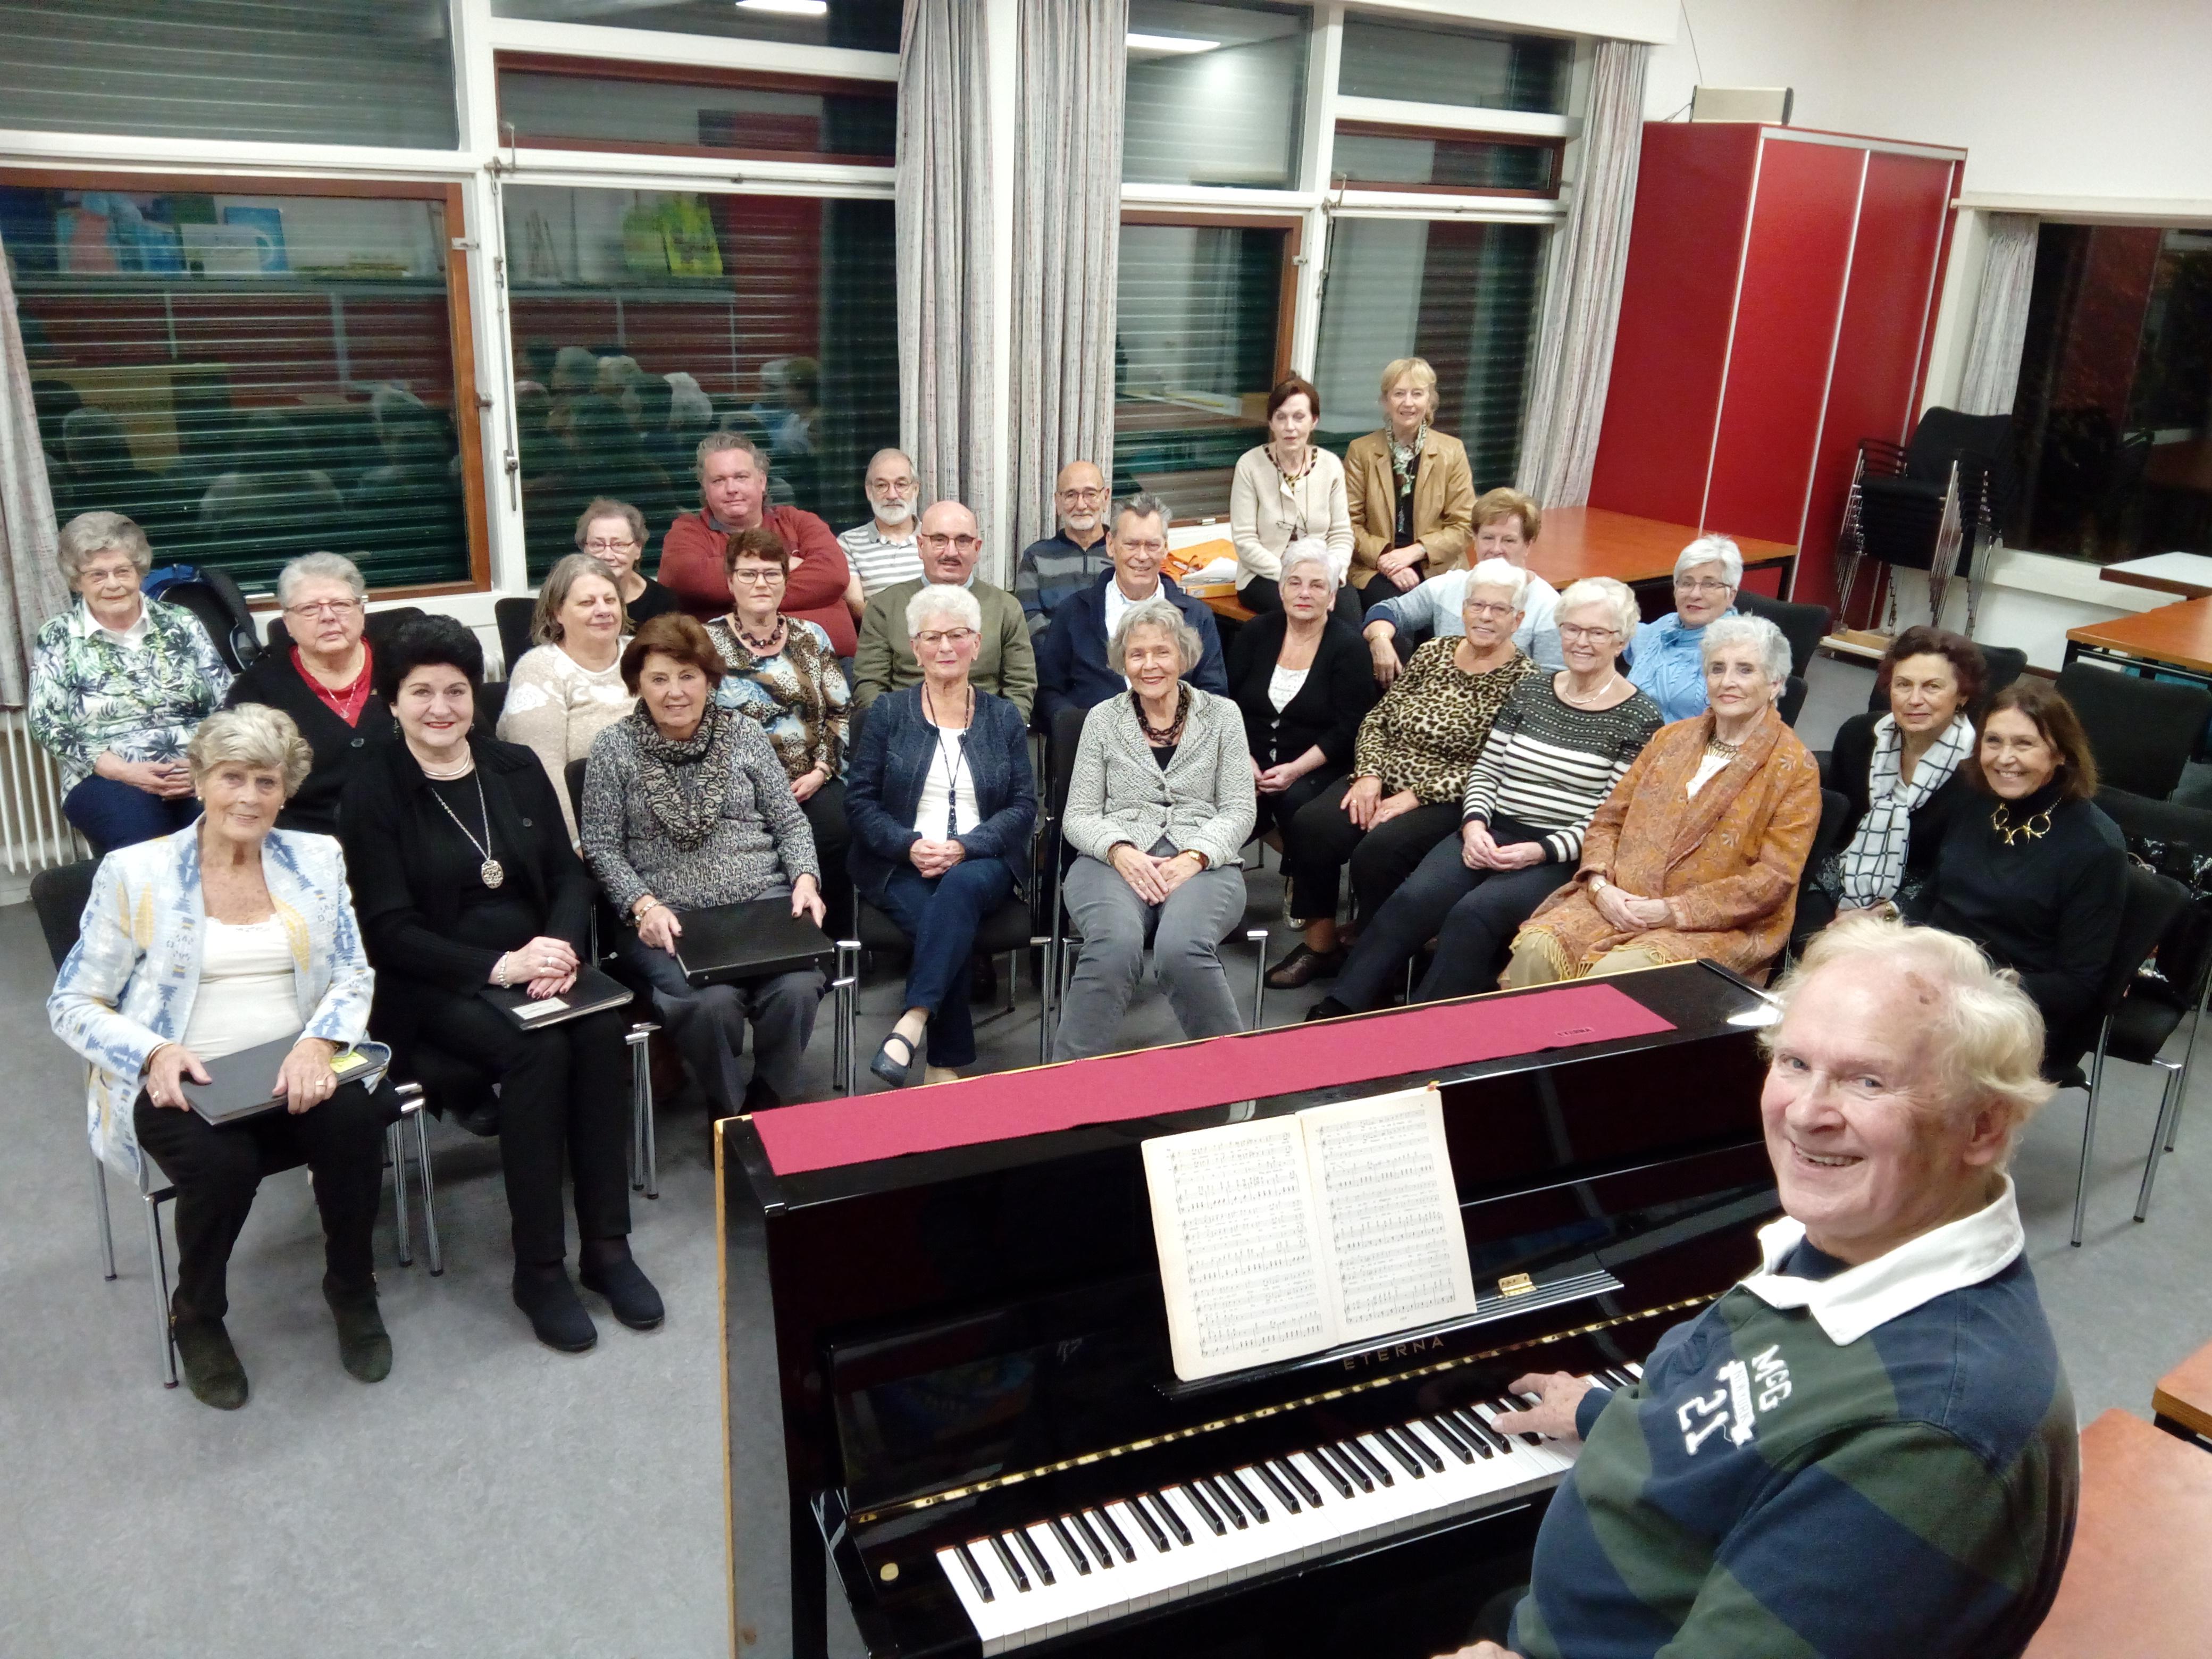 De koorleden repeteren wekelijks onder leiding van Piet de Reuver in paviljoen Westerhout. (FOTO: BOS MEDIA SERVICES)